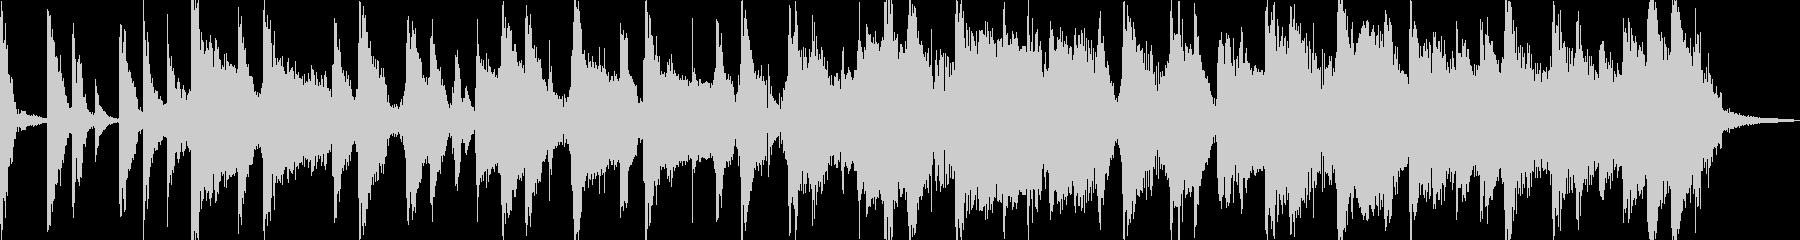 ギターとピコピコ音のポップなジングルの未再生の波形